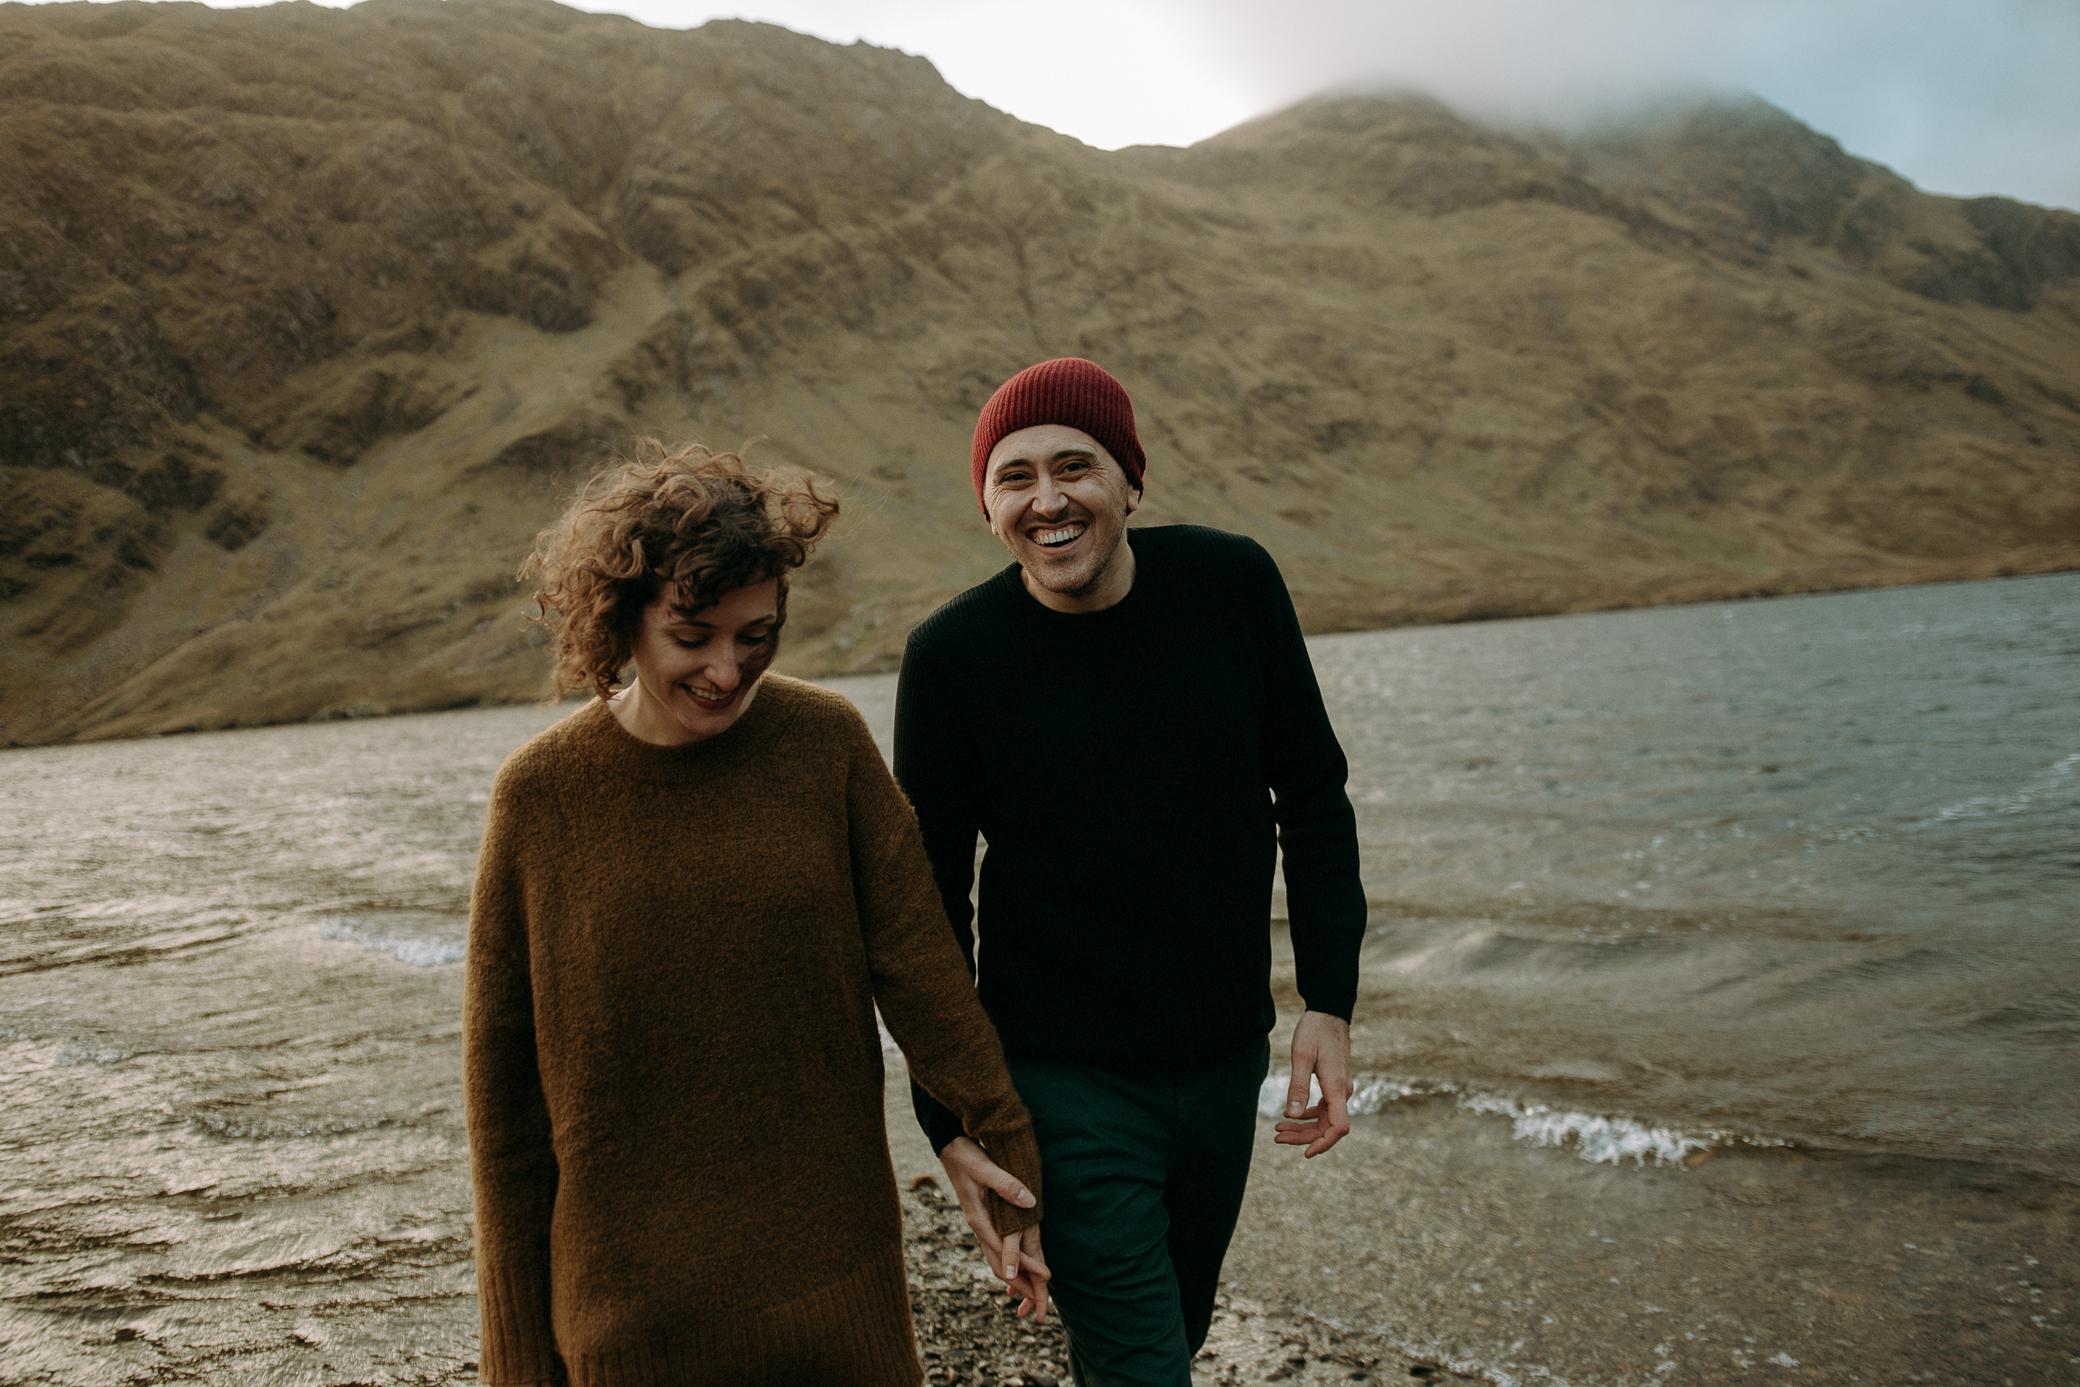 Meiry&Nic_Elopetoireland-197.jpg